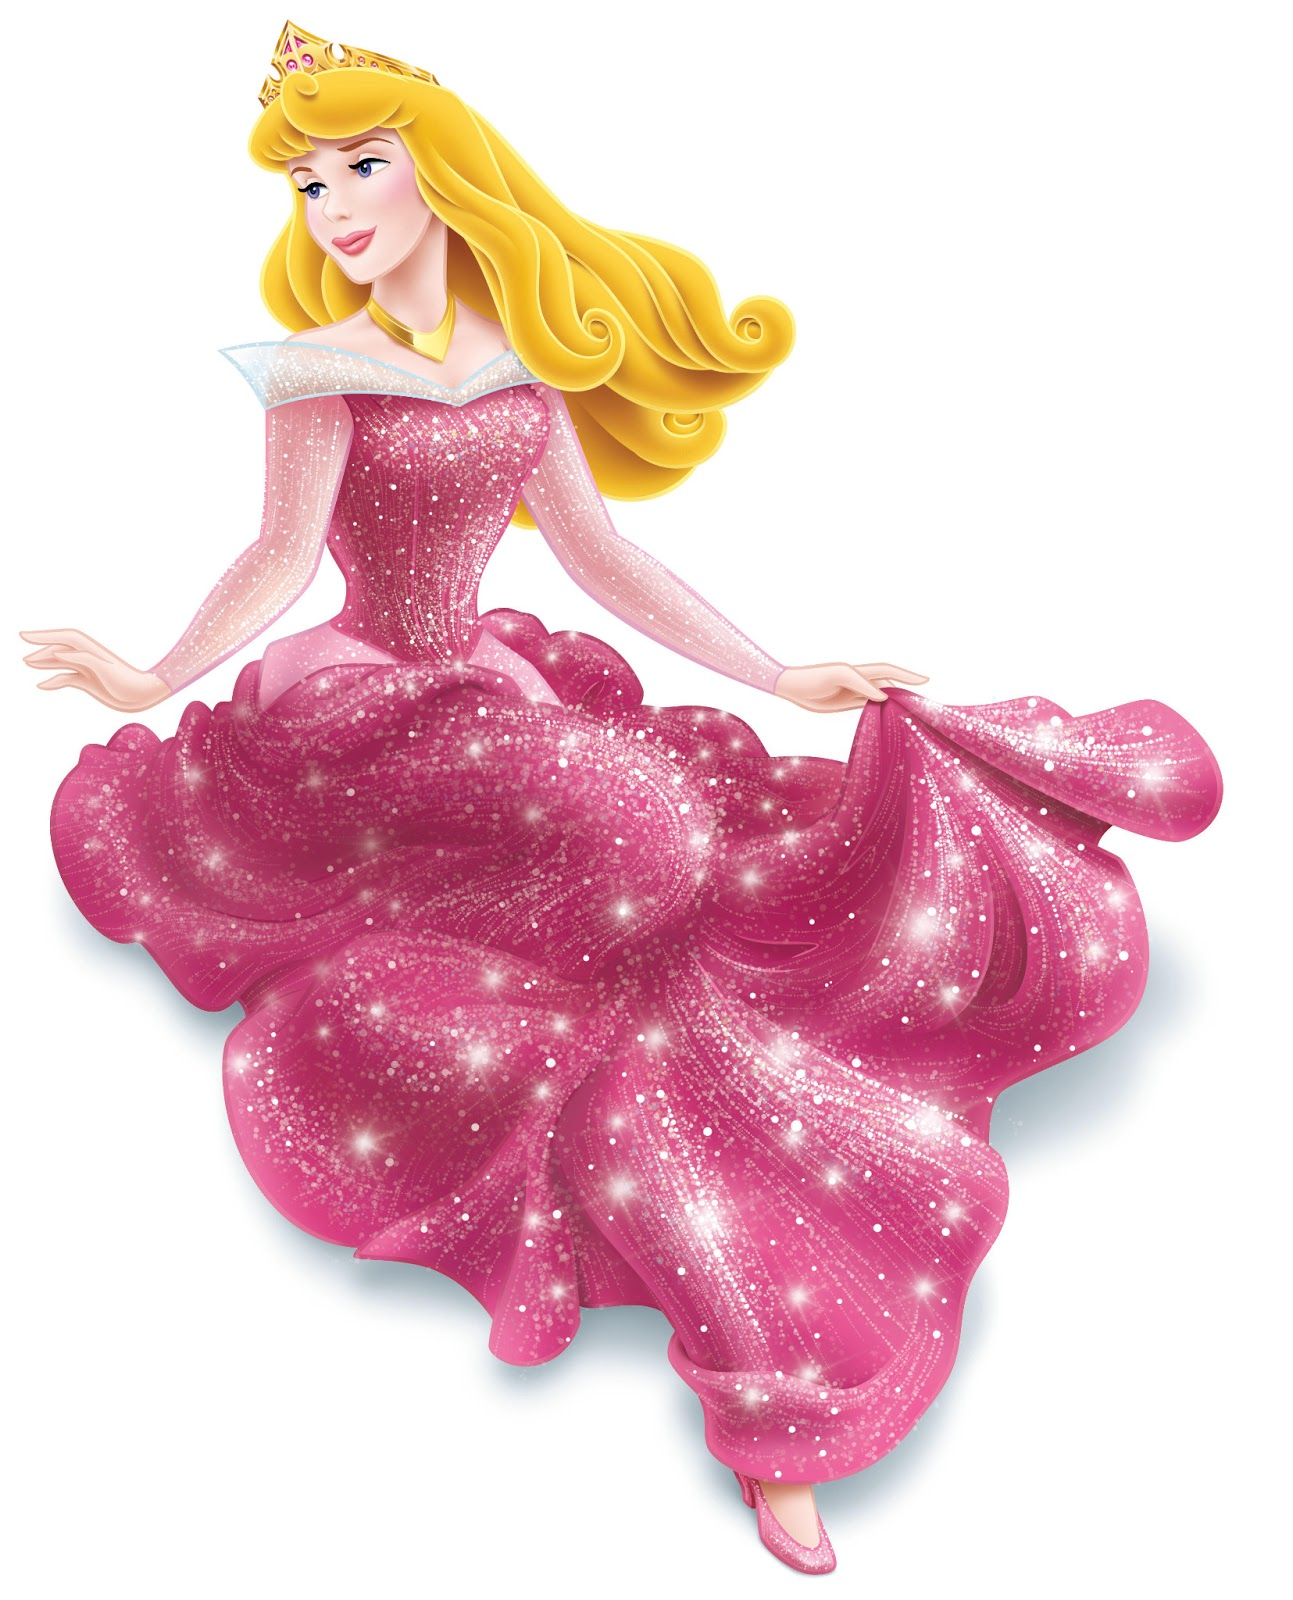 Fotos Princesas Disney Para Imprimir Fotos De Pechos